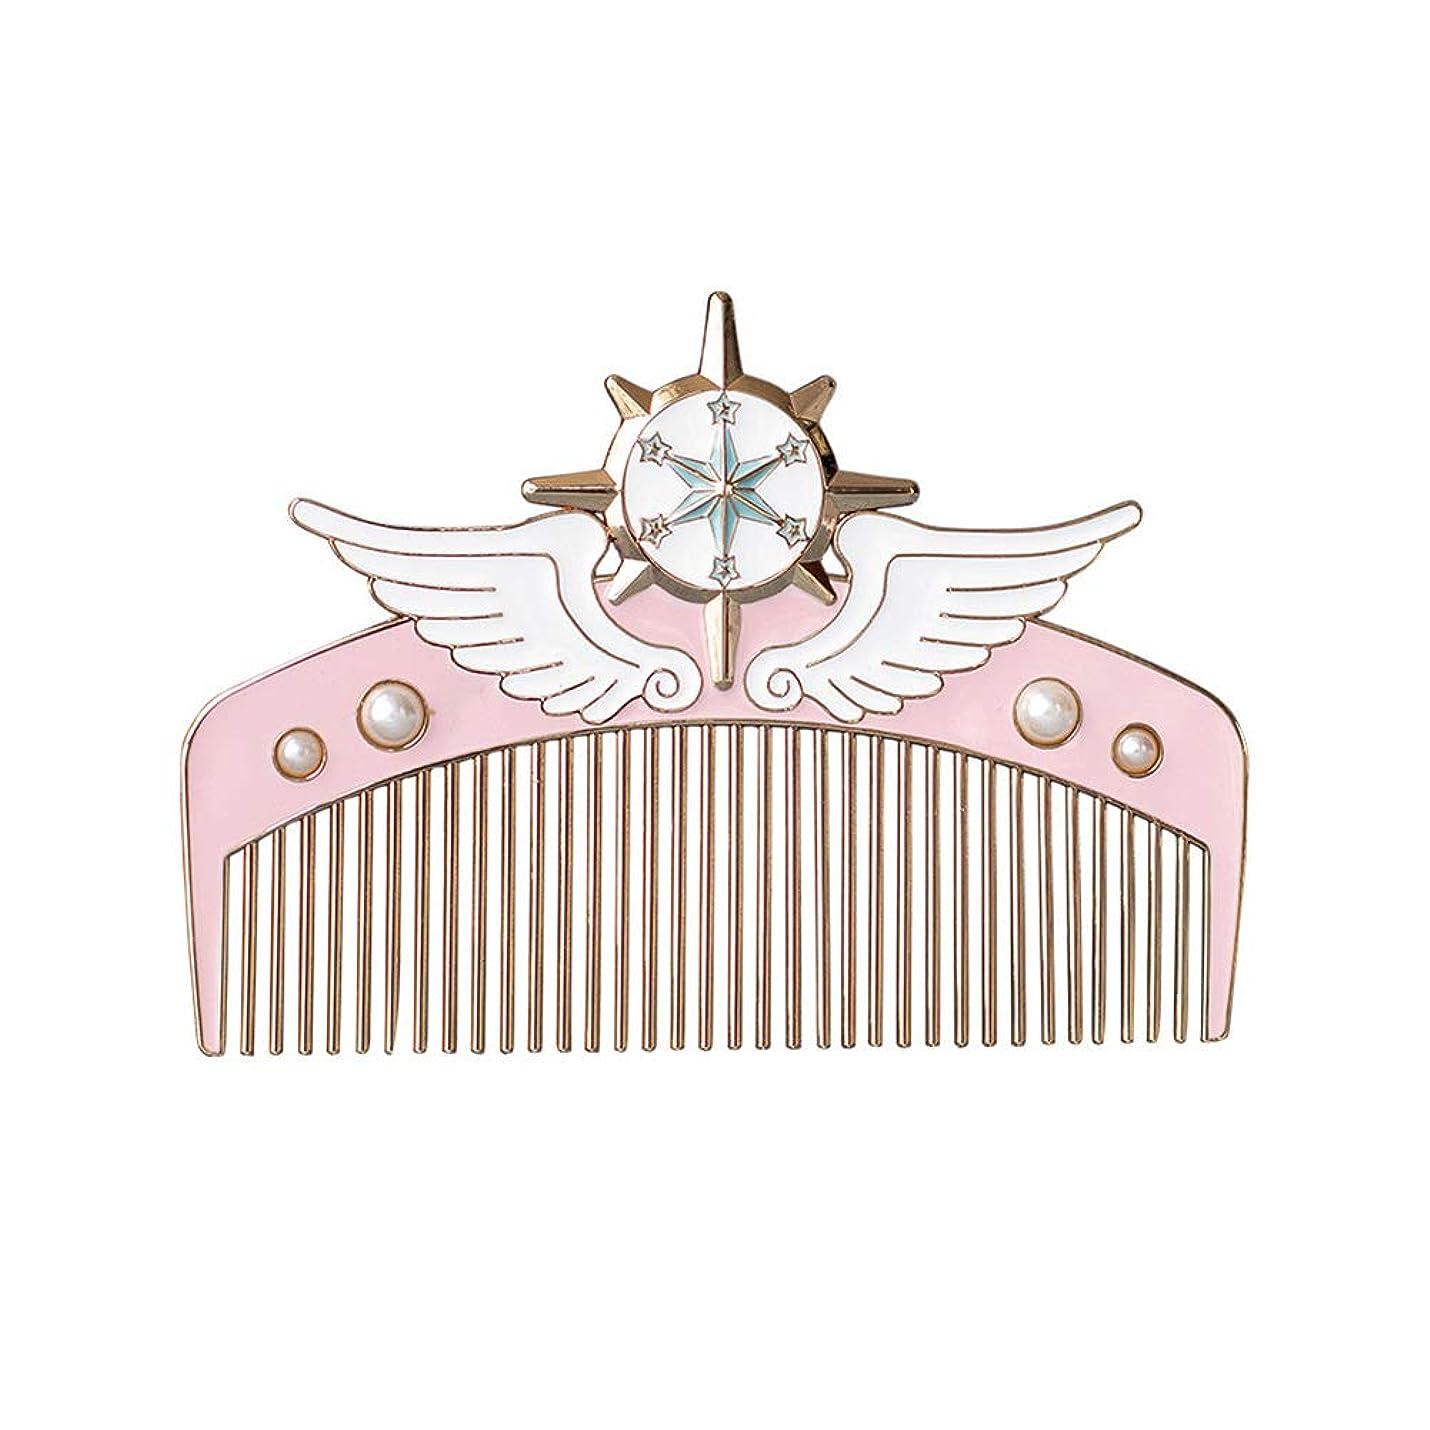 スピーチ衝撃まつげライフ小屋 櫛 ヘアブラシ カードキャプターさくら セーラームーン 可愛い ピンク 細歯 夢の杖櫛 半月形 ヘアブラシ 子供の髪 贈り物 プレゼント